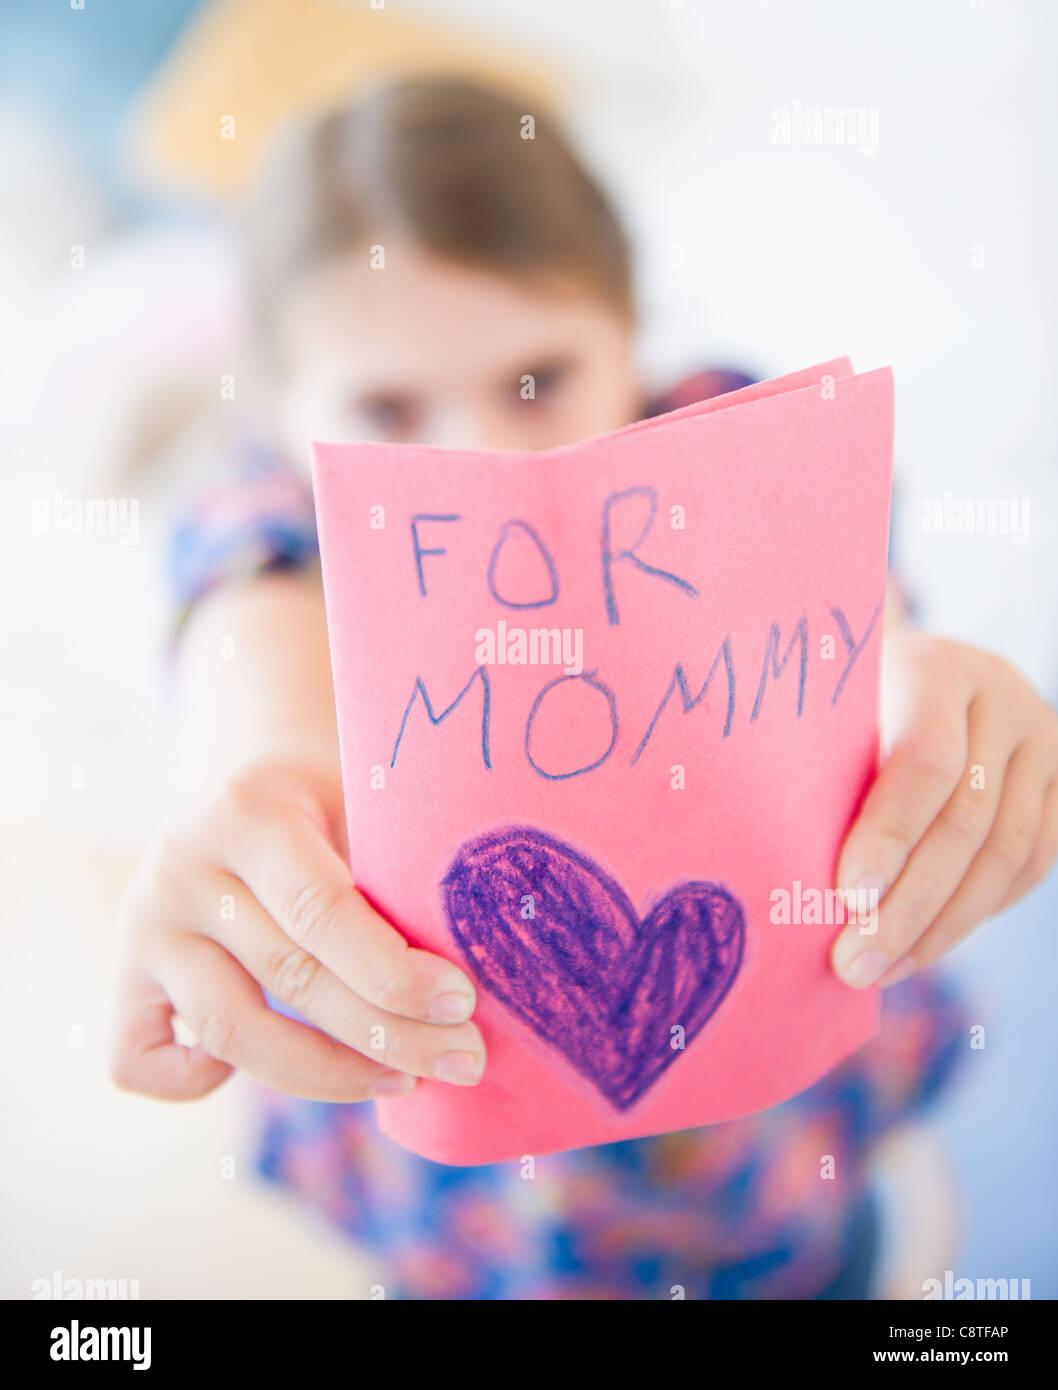 Stati Uniti d'America, New Jersey, Jersey City, ragazza mostra biglietto di auguri per la festa della mamma Immagini Stock